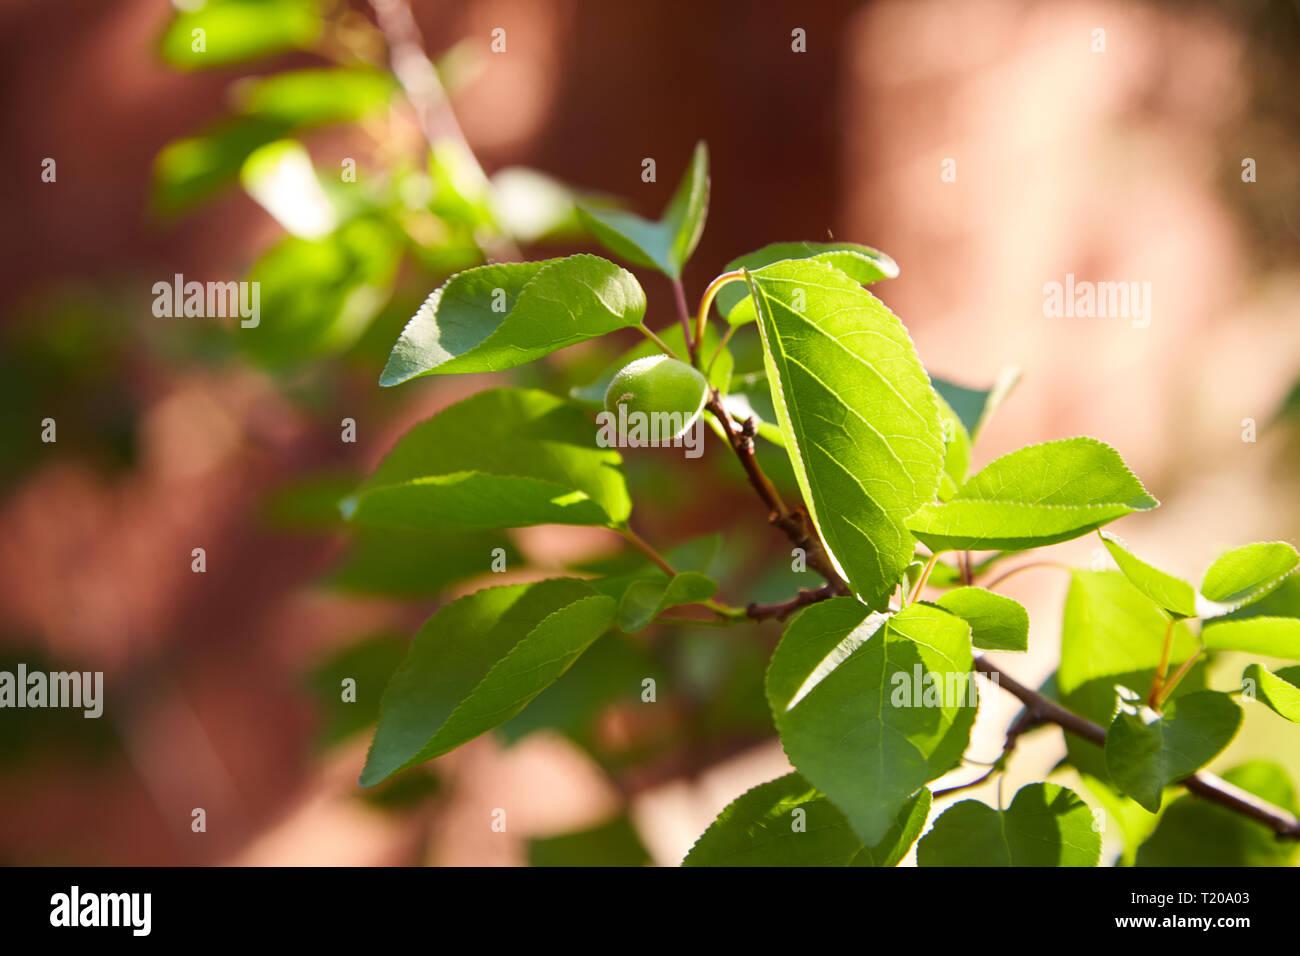 Grüne unreife Aprikosen auf einem Ast an einem sonnigen Tag auf einem unscharfen Hintergrund Stockbild